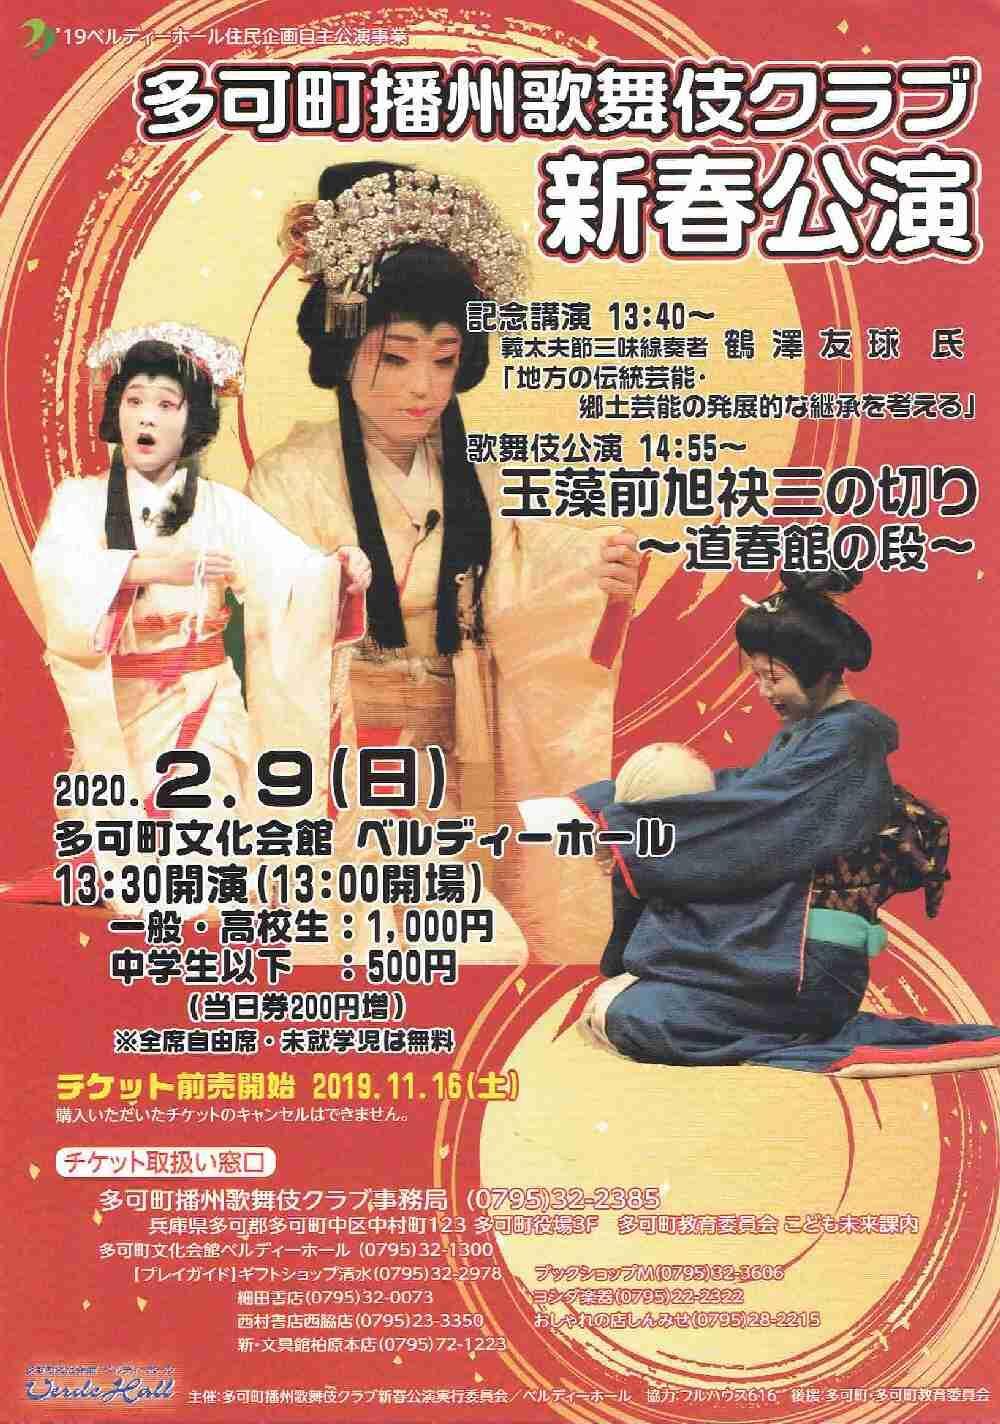 2/9 多可町播州歌舞伎クラブ新春公演:ベルディーホール